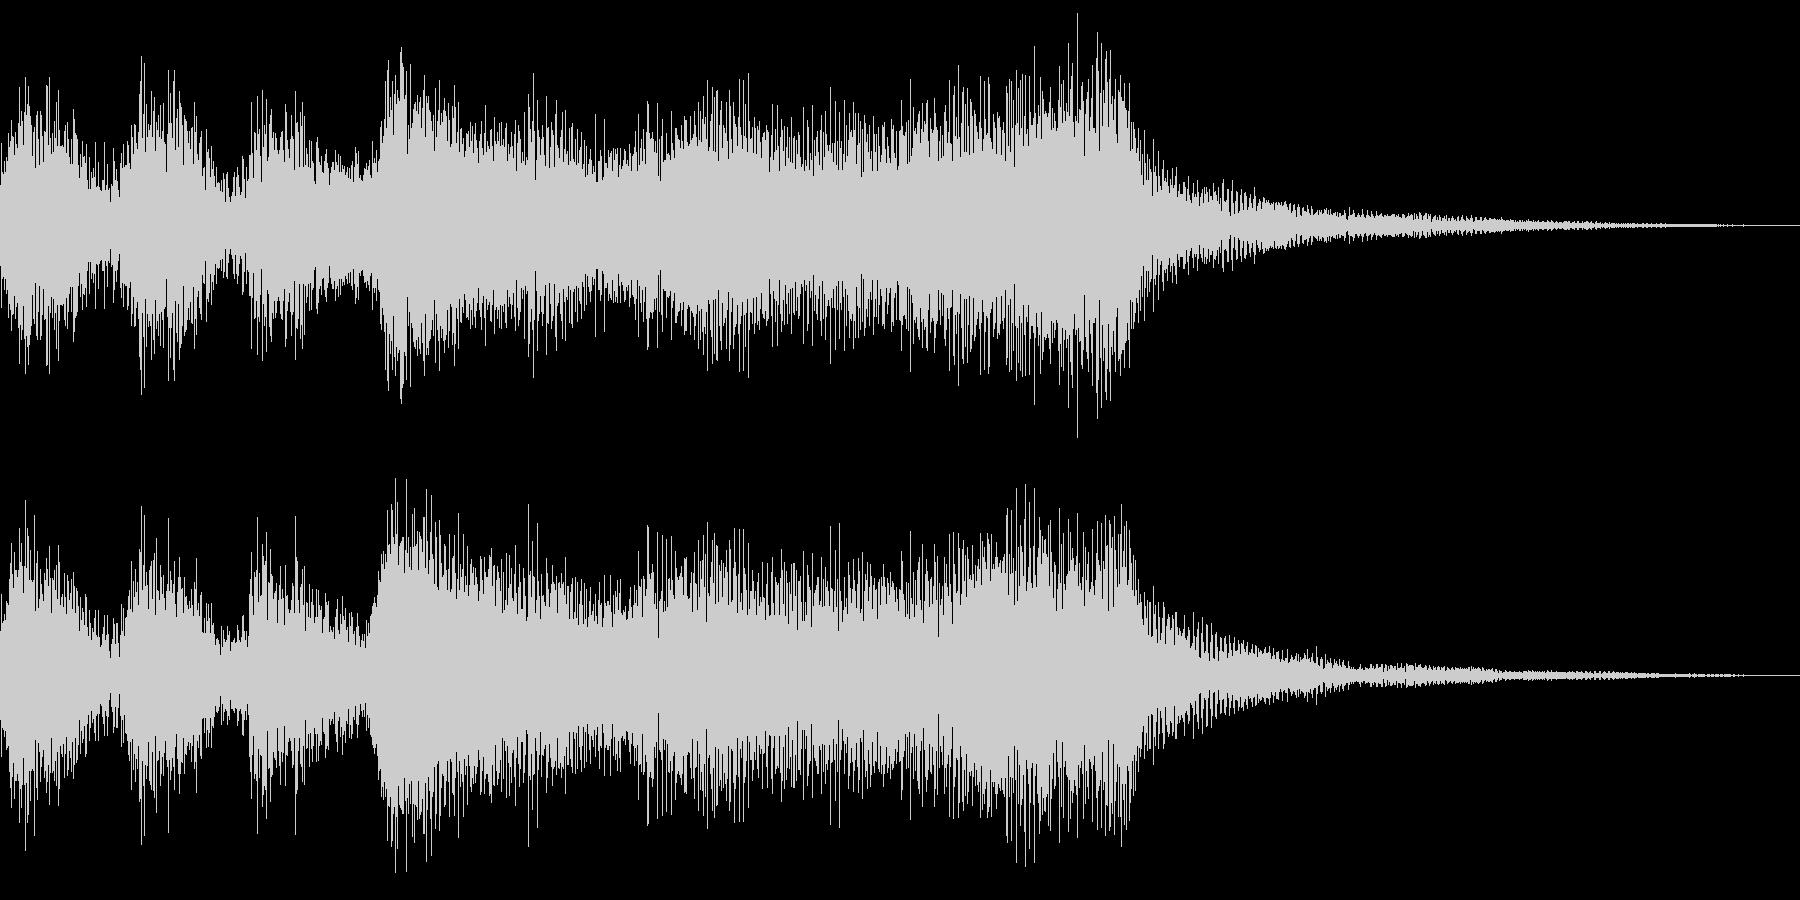 マリンバとブラスの可愛いファンファーレの未再生の波形